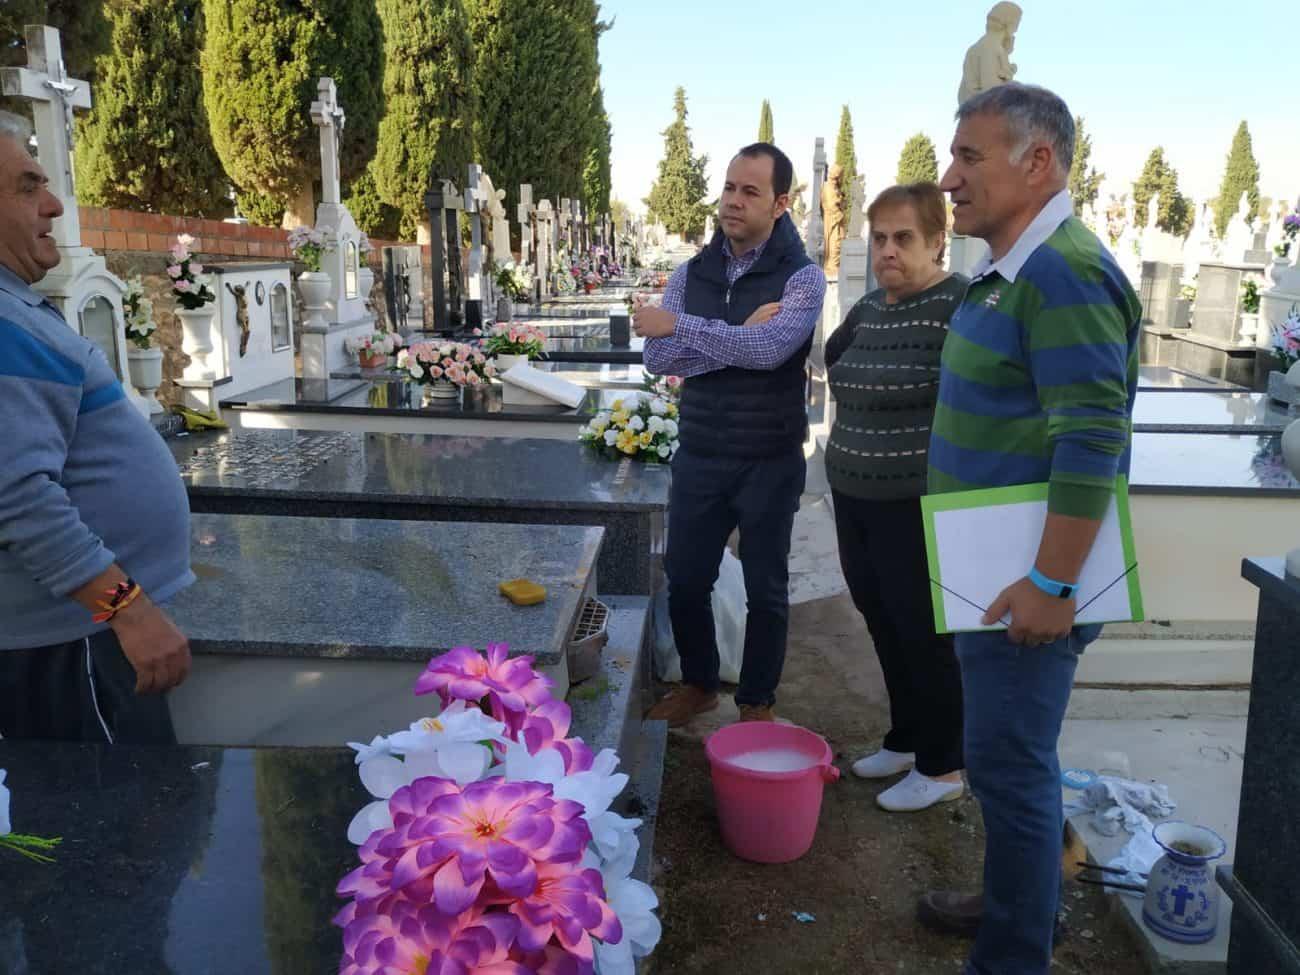 Servicio gratuito de autobuses para el Día de los Santos y obras de mejora en el Cementerio 9